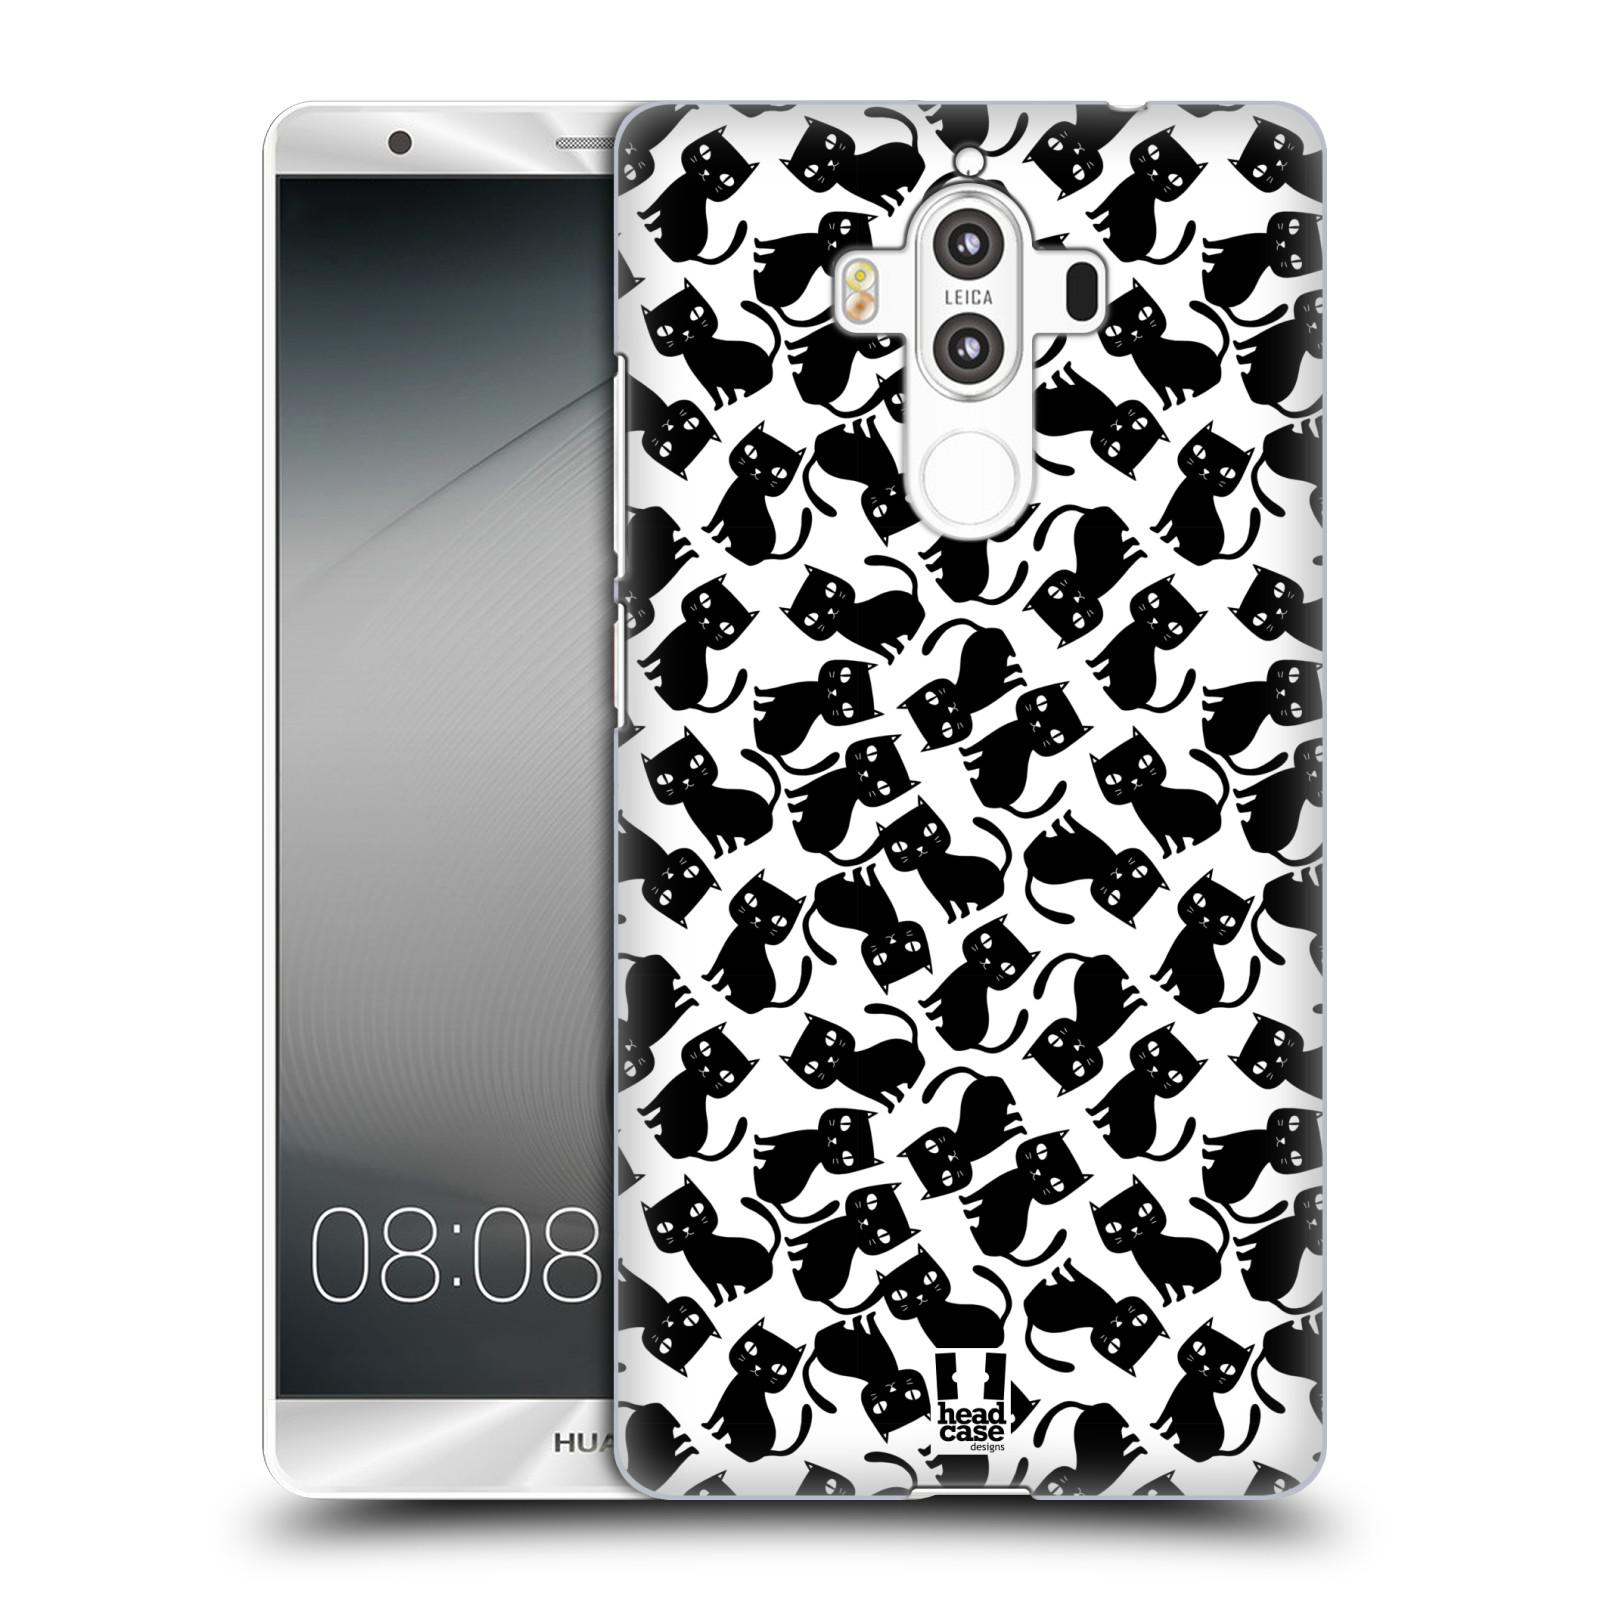 Plastové pouzdro na mobil Huawei Mate 9 - Head Case KOČKY Black Pattern (Plastový kryt či obal na mobilní telefon Huawei Mate 9 (Dual SIM))